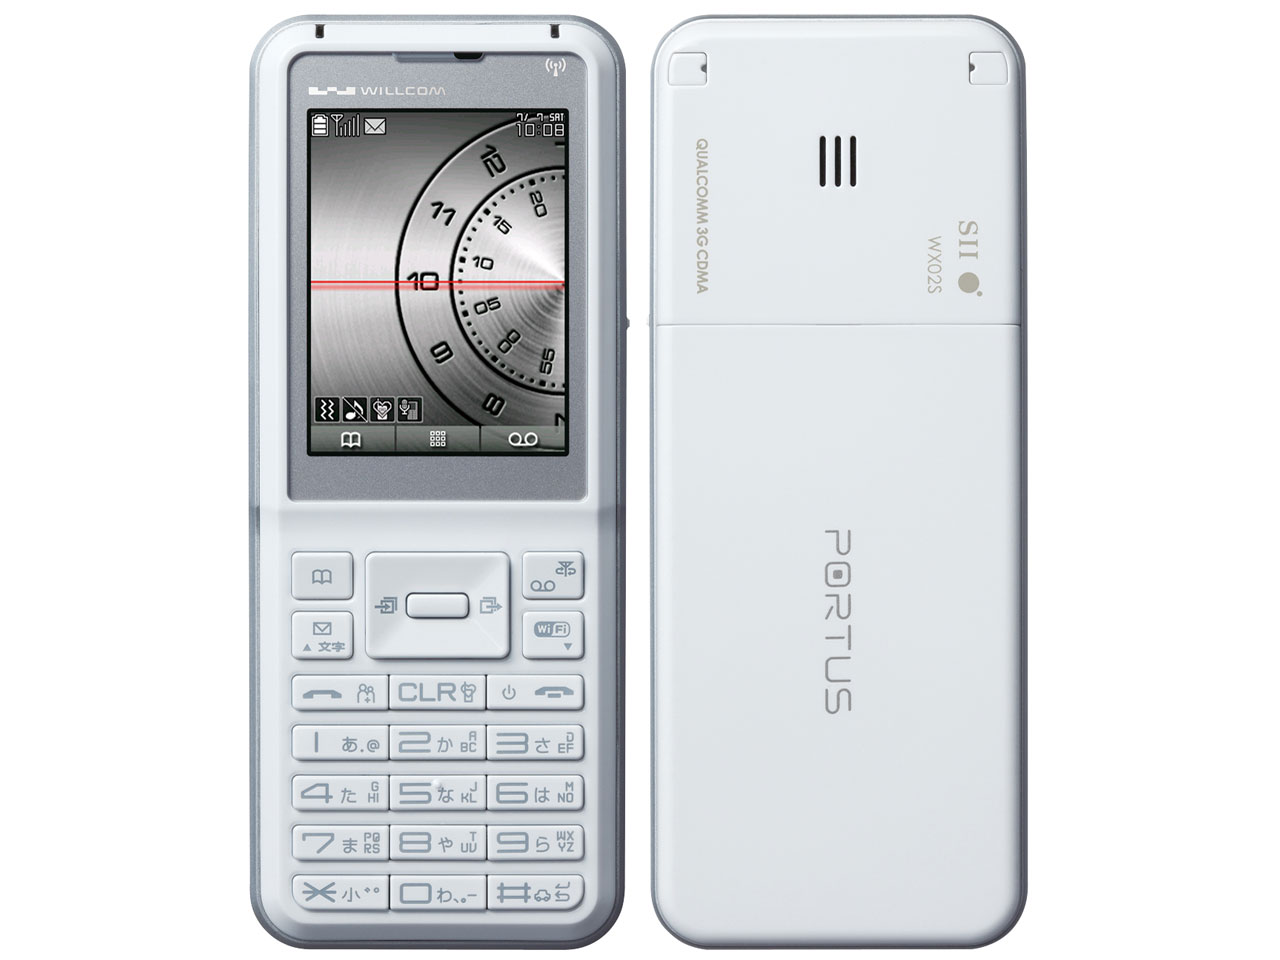 PORTUS WX02S [ホワイト] の製品画像